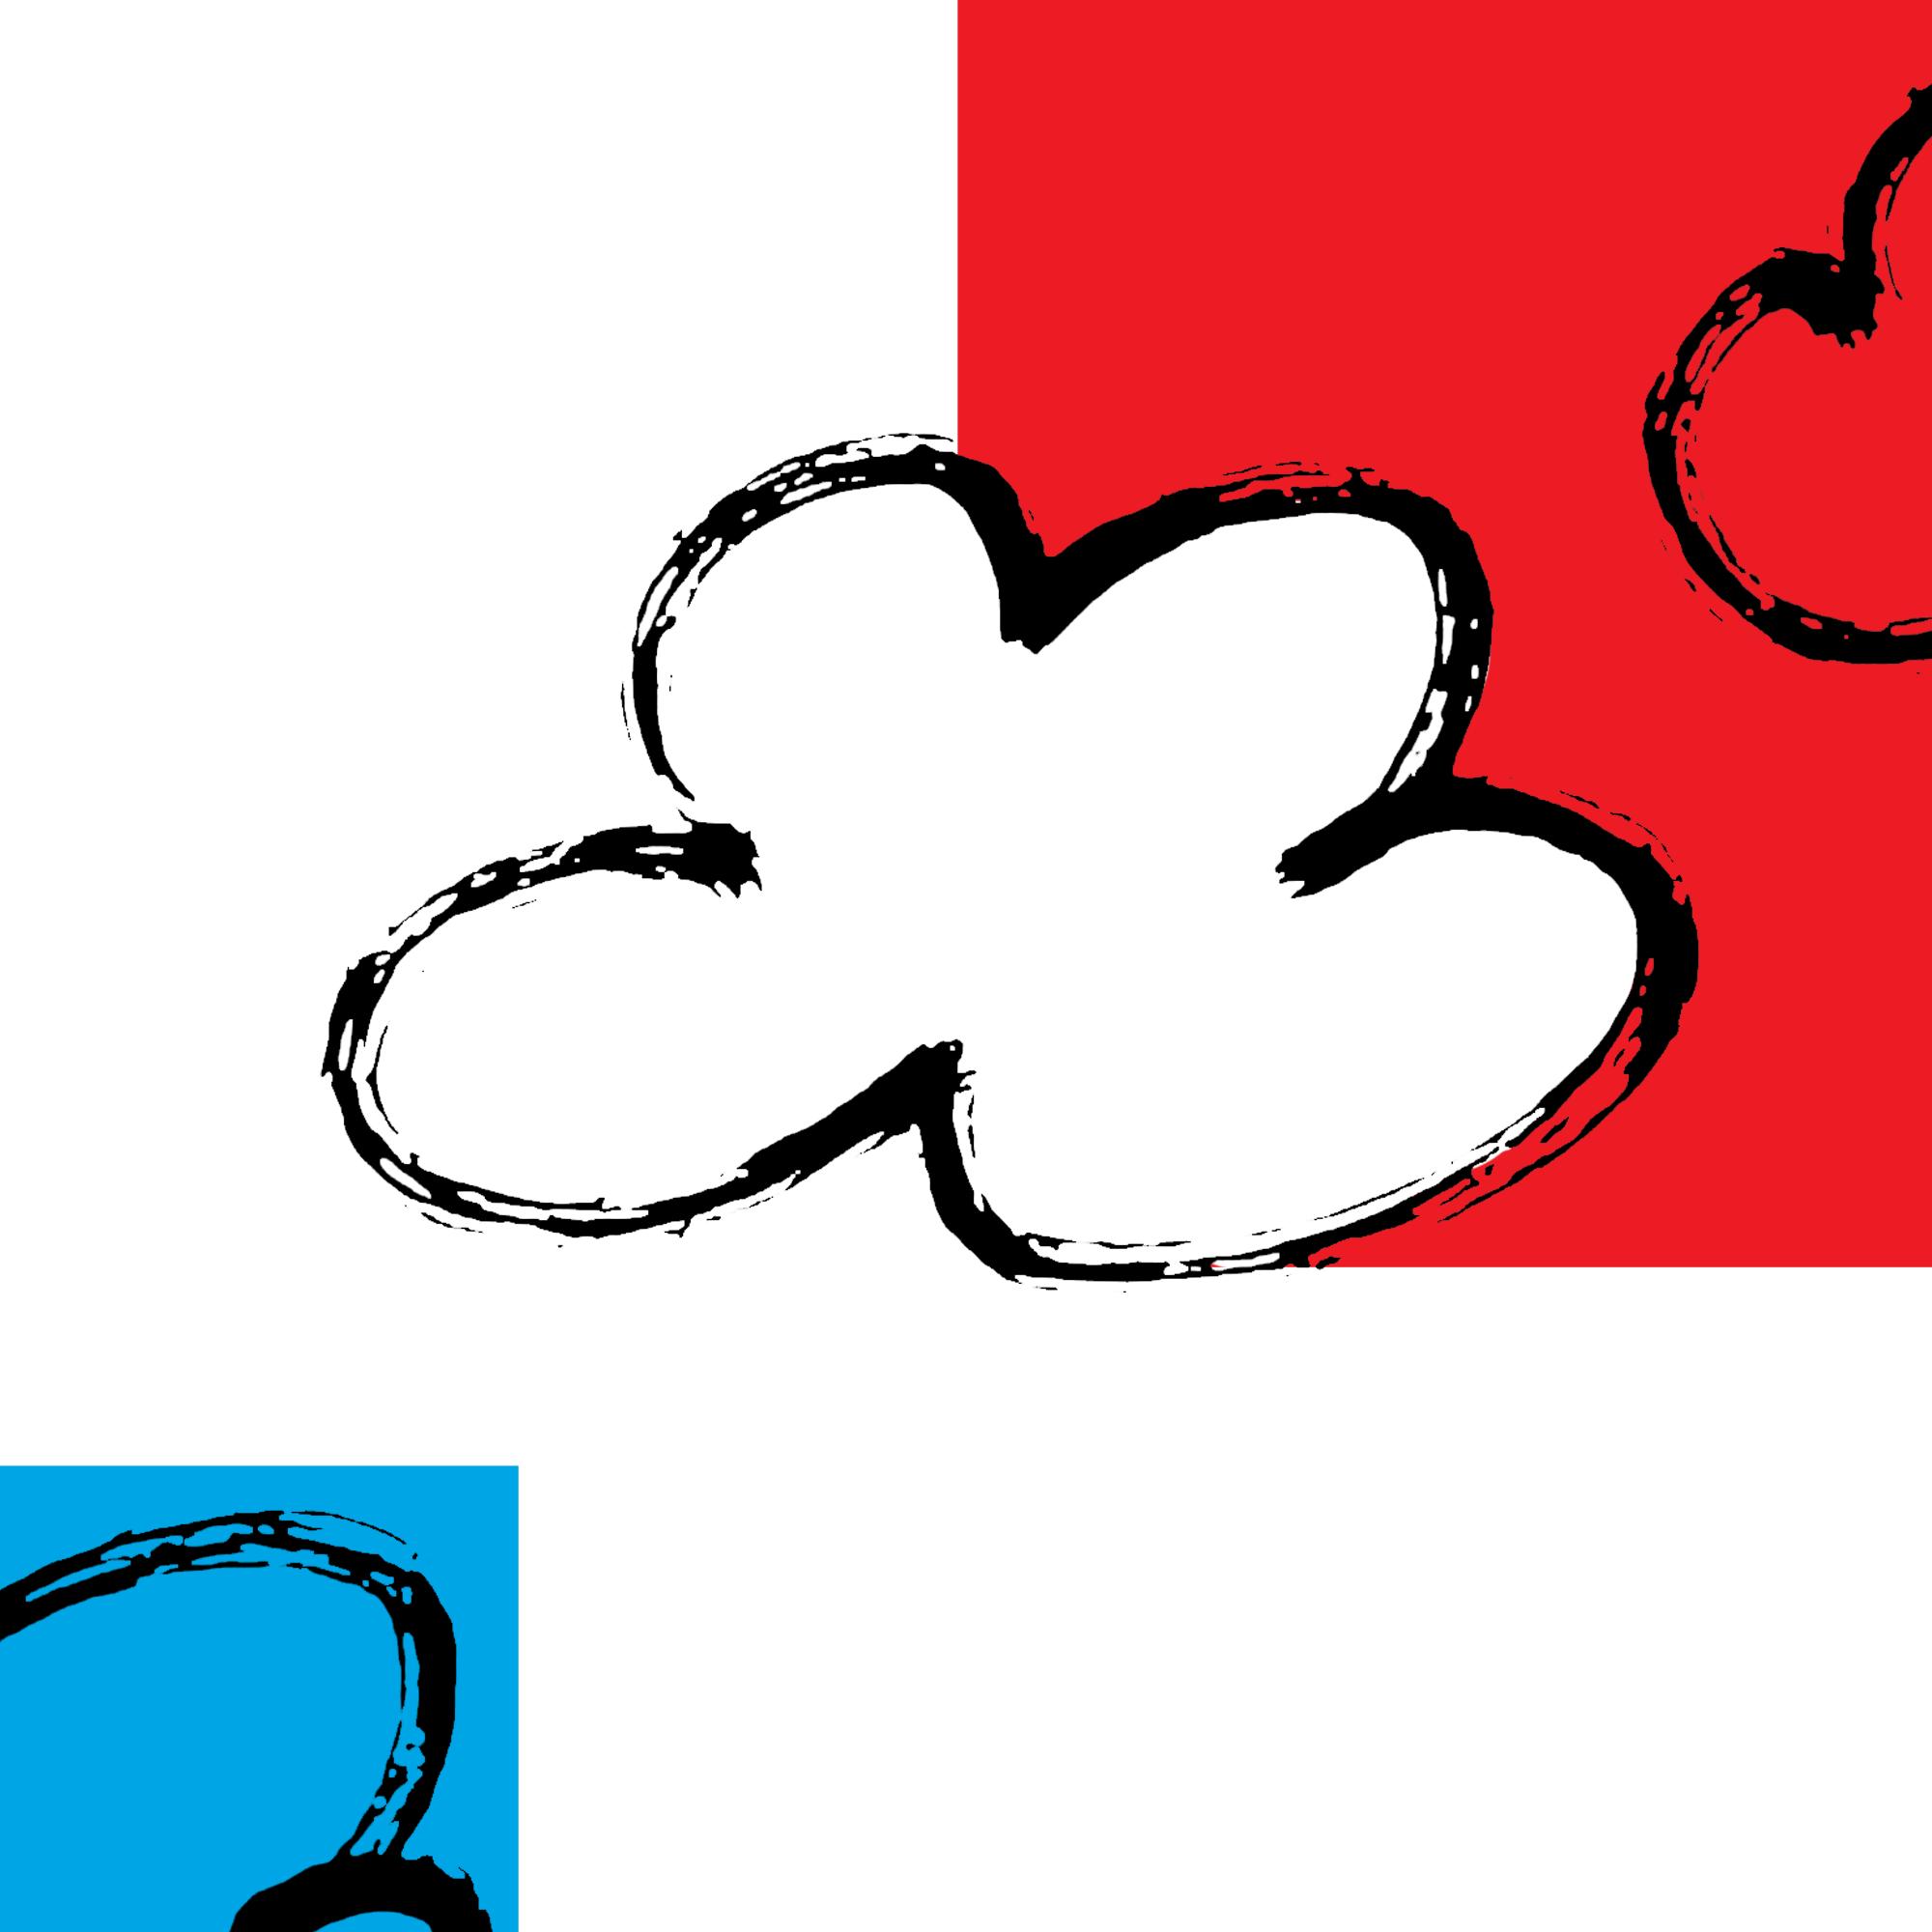 Barwna abstrakcyjna grafika w formacie kwadratu. Na białym tle w prawym górnym rogu czerwony prostokąt a na nim czarny zarys dwóch chmurek. W lewym dolnym rogu niebieski kwadrat i na nim czarny zarys kolejnej chmurki.